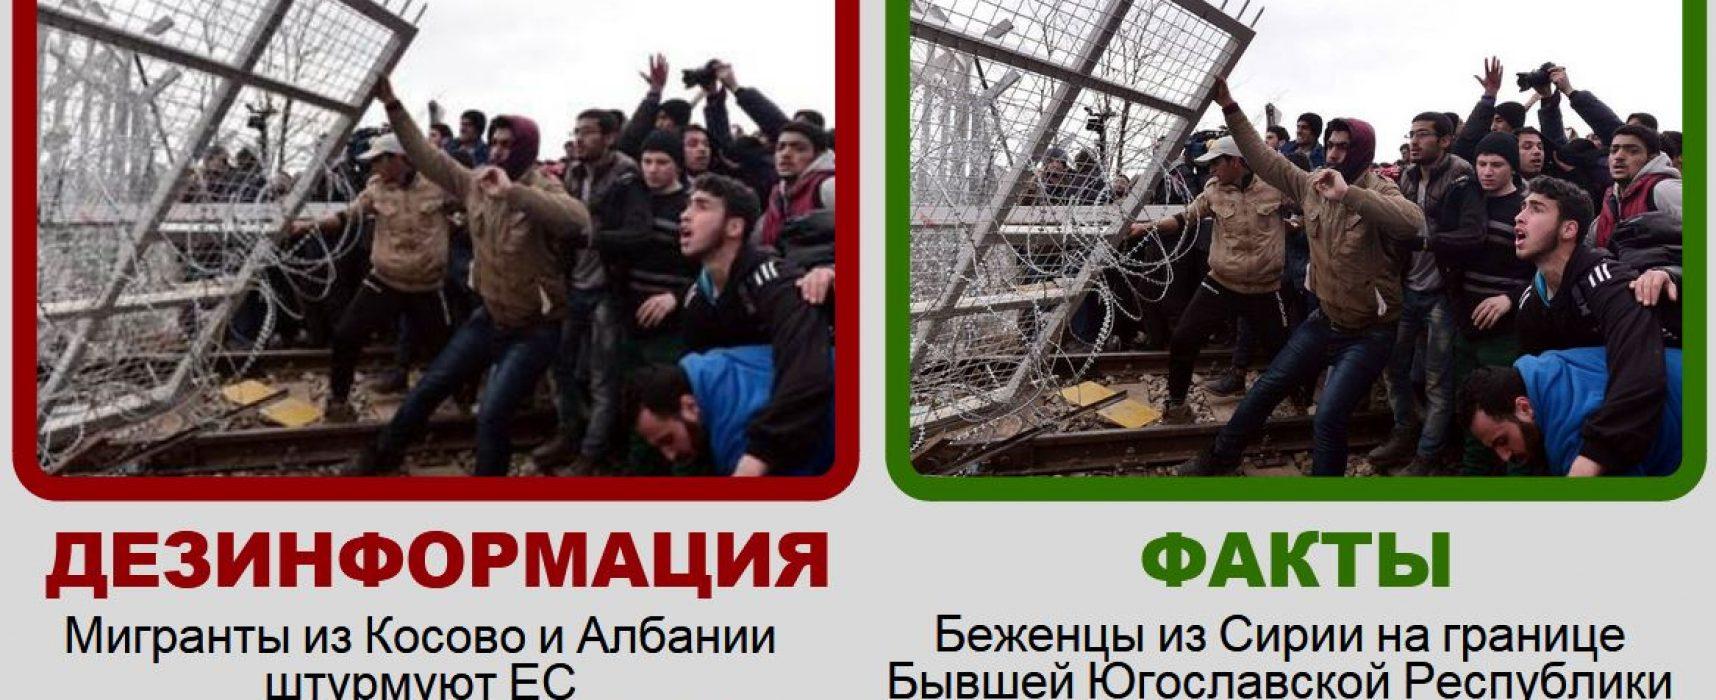 Една снимка, четворна дезинформация за мигрантите